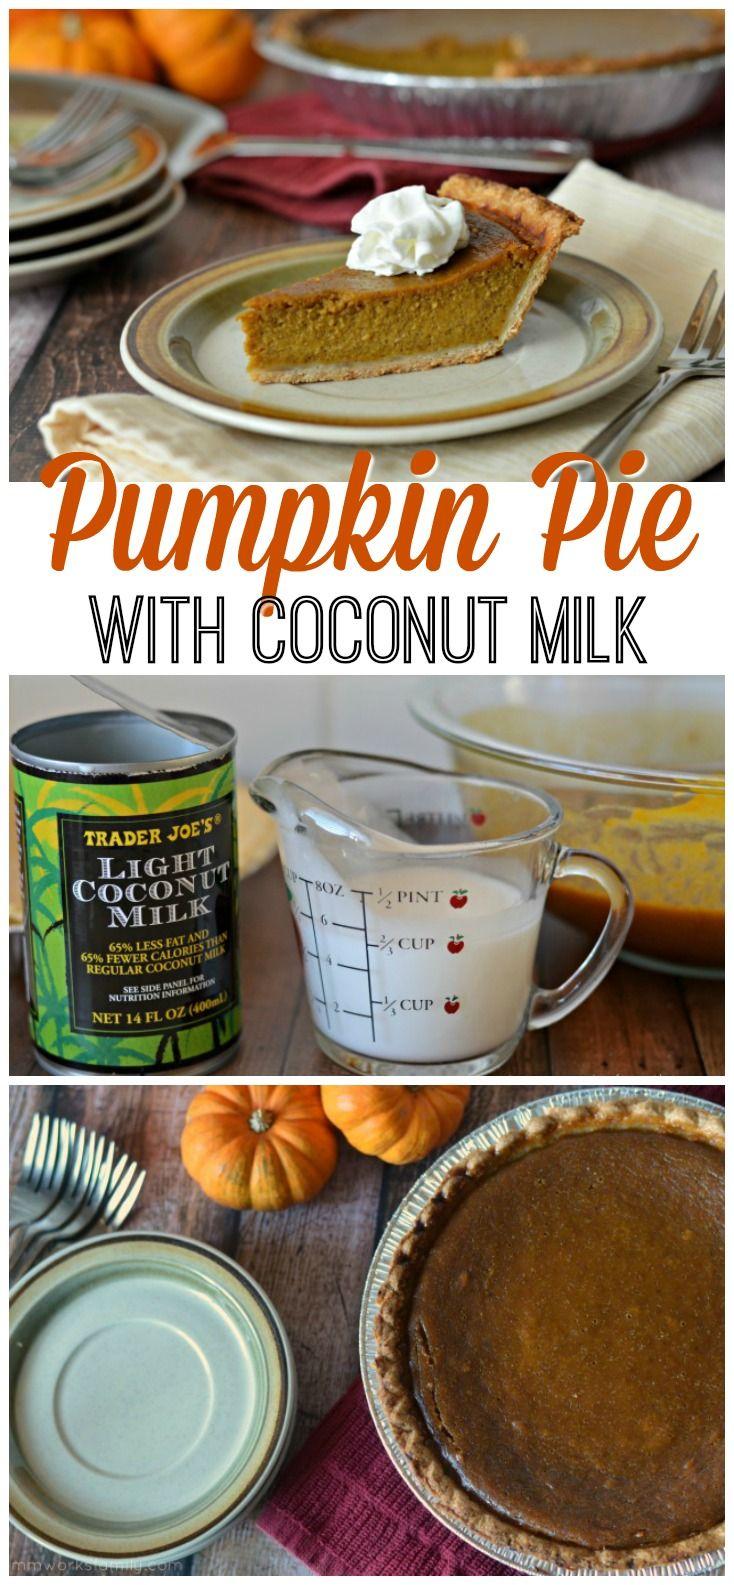 recipe: pumpkin pie with condensed milk vs evaporated milk [25]